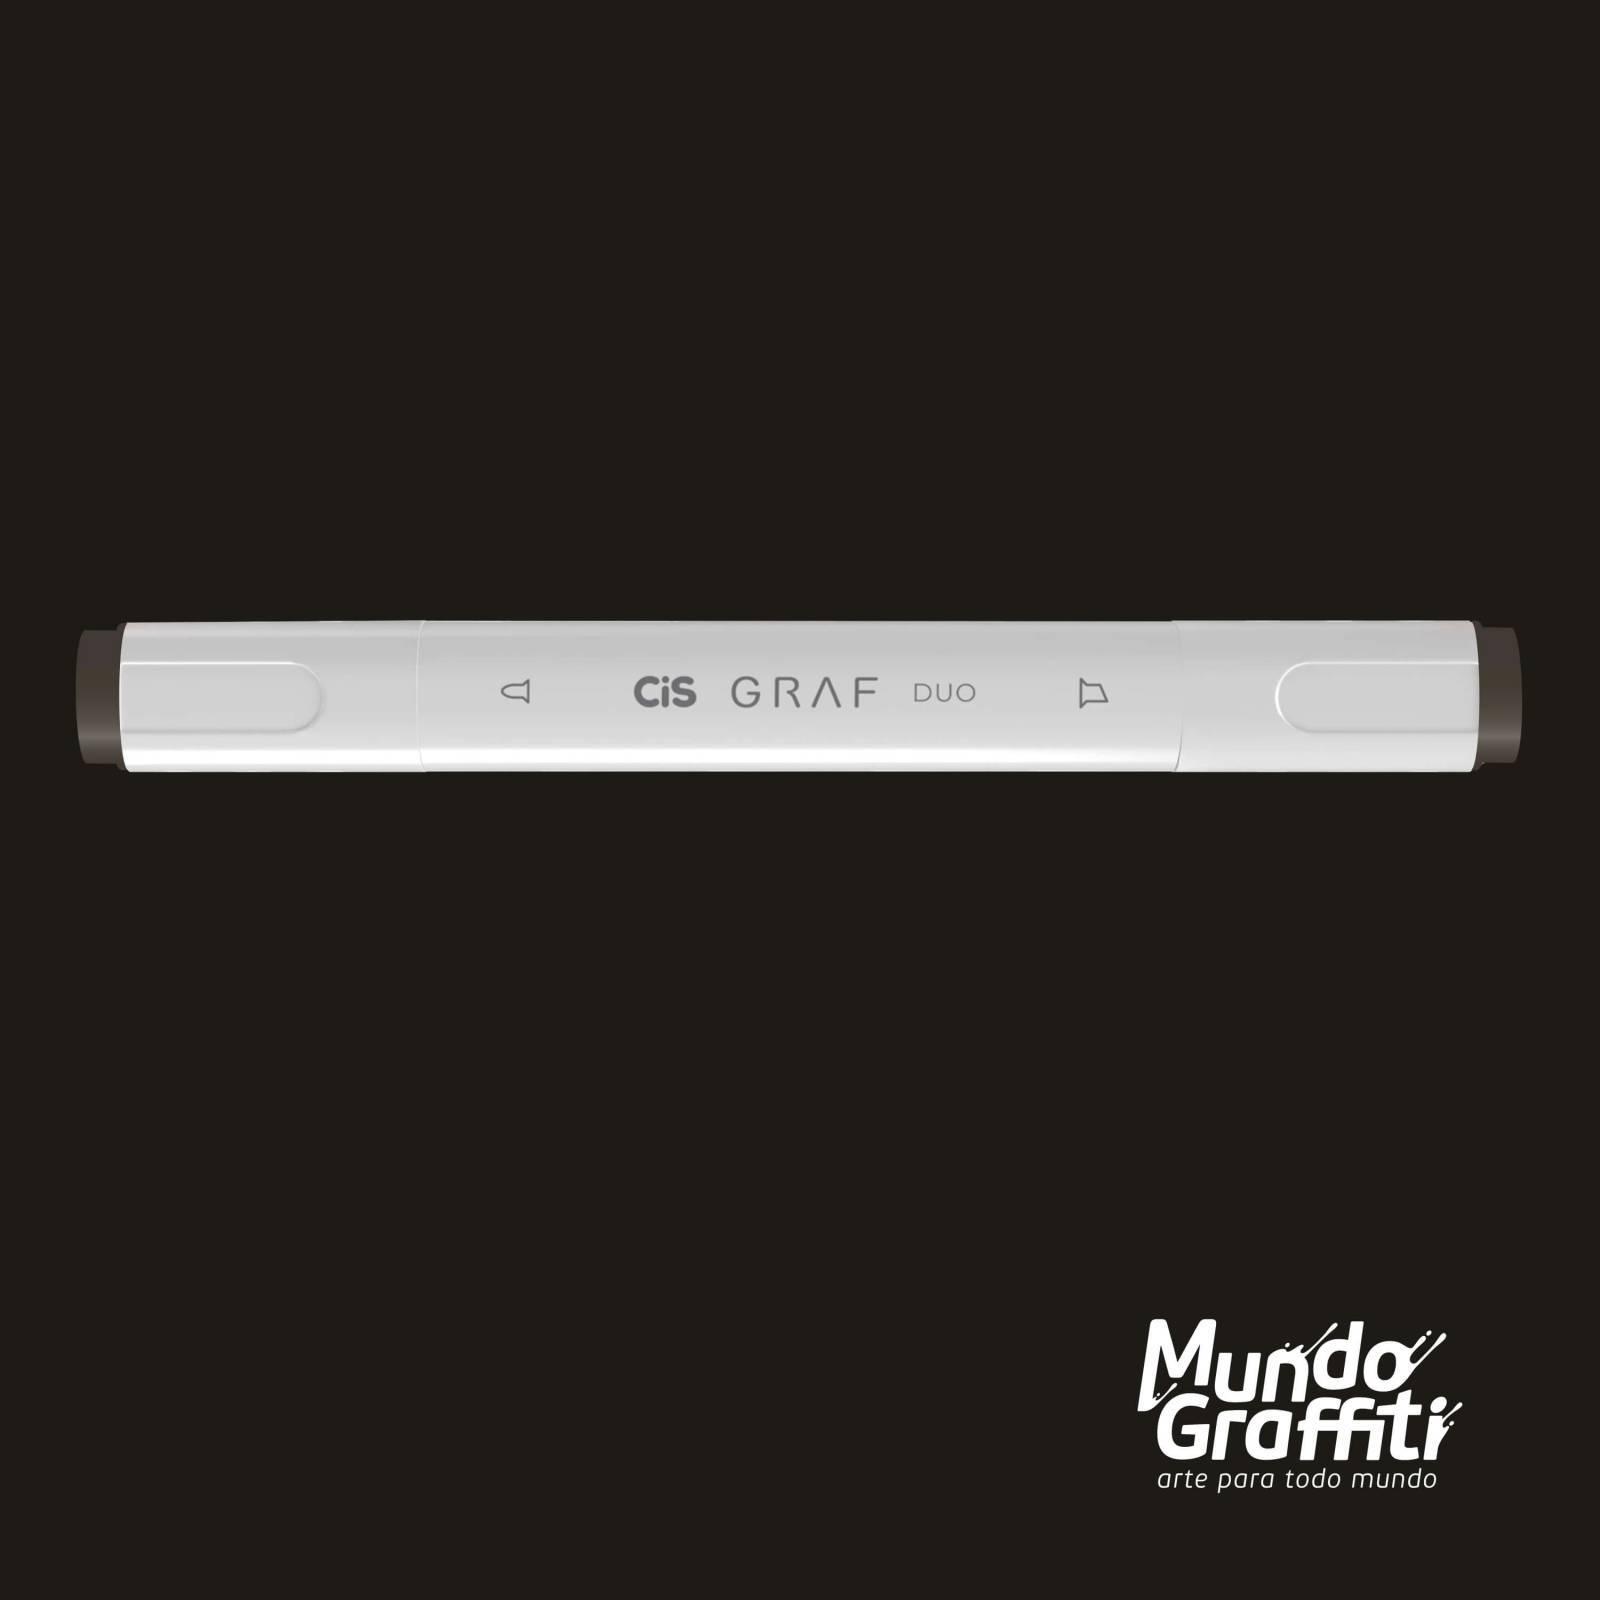 Marcador Cis Graf Duo Warm Grey WG8 - Mundo Graffiti